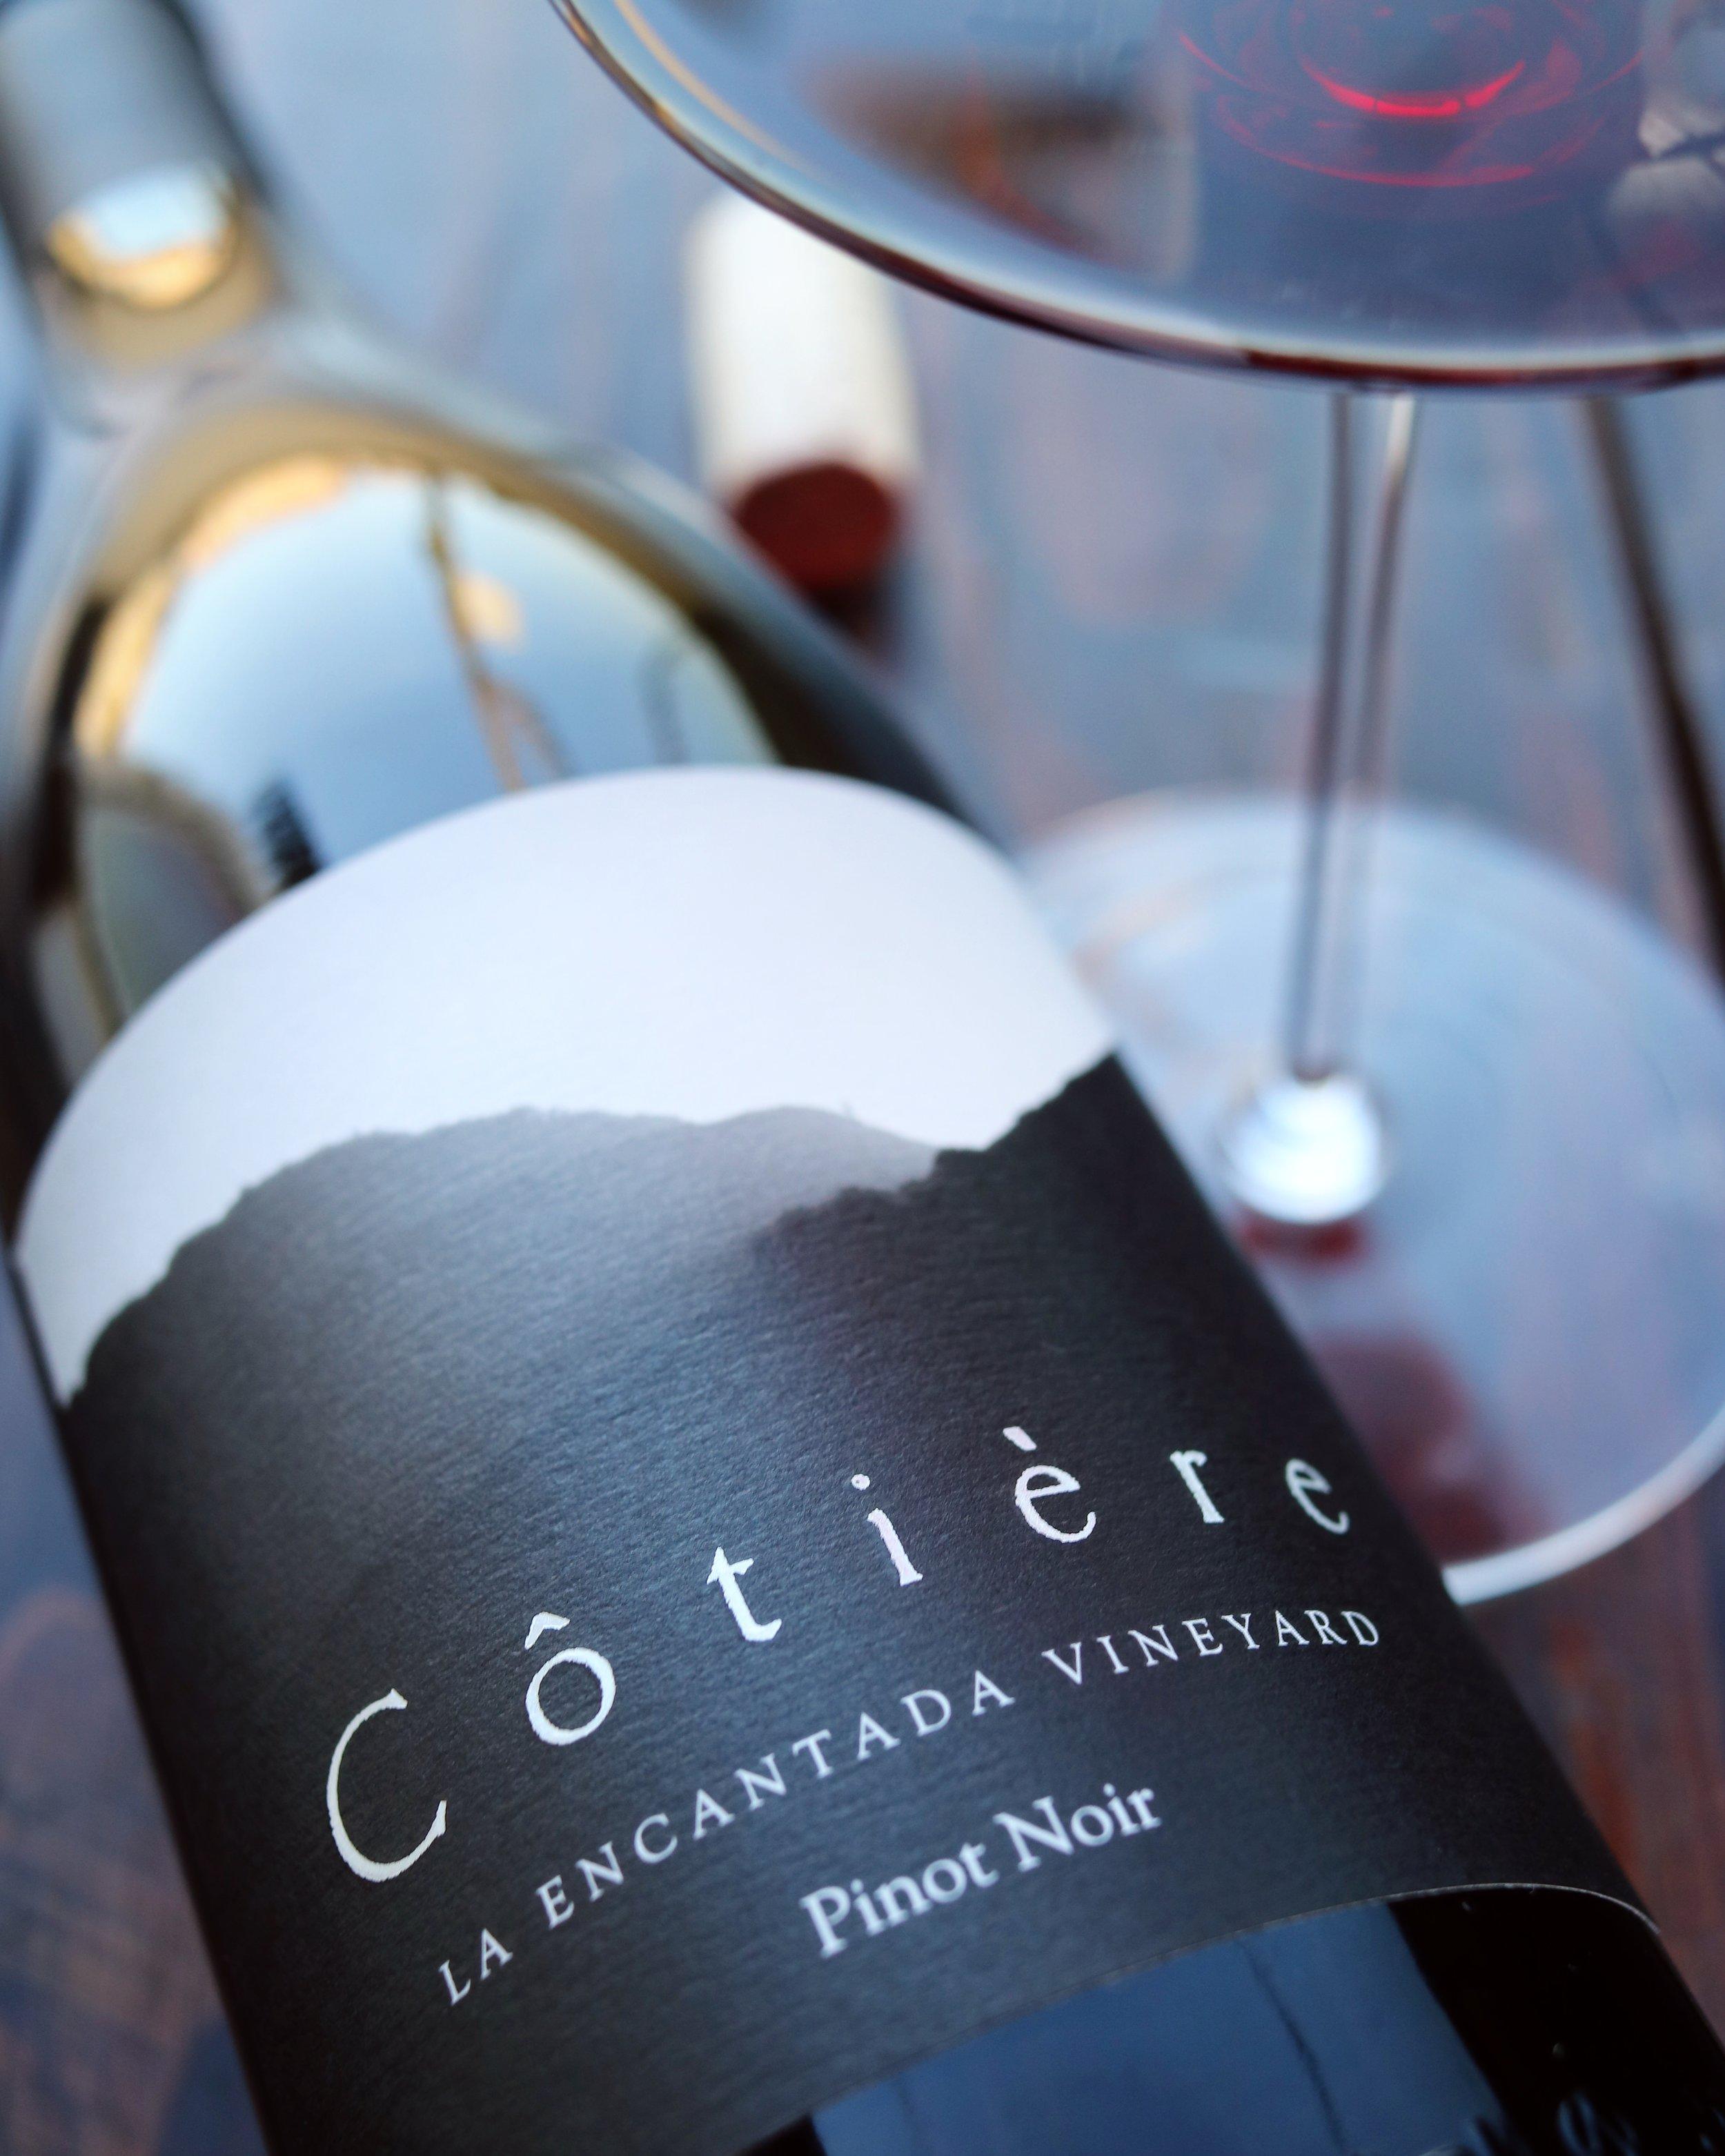 Cotiere Pinot Noir.jpg